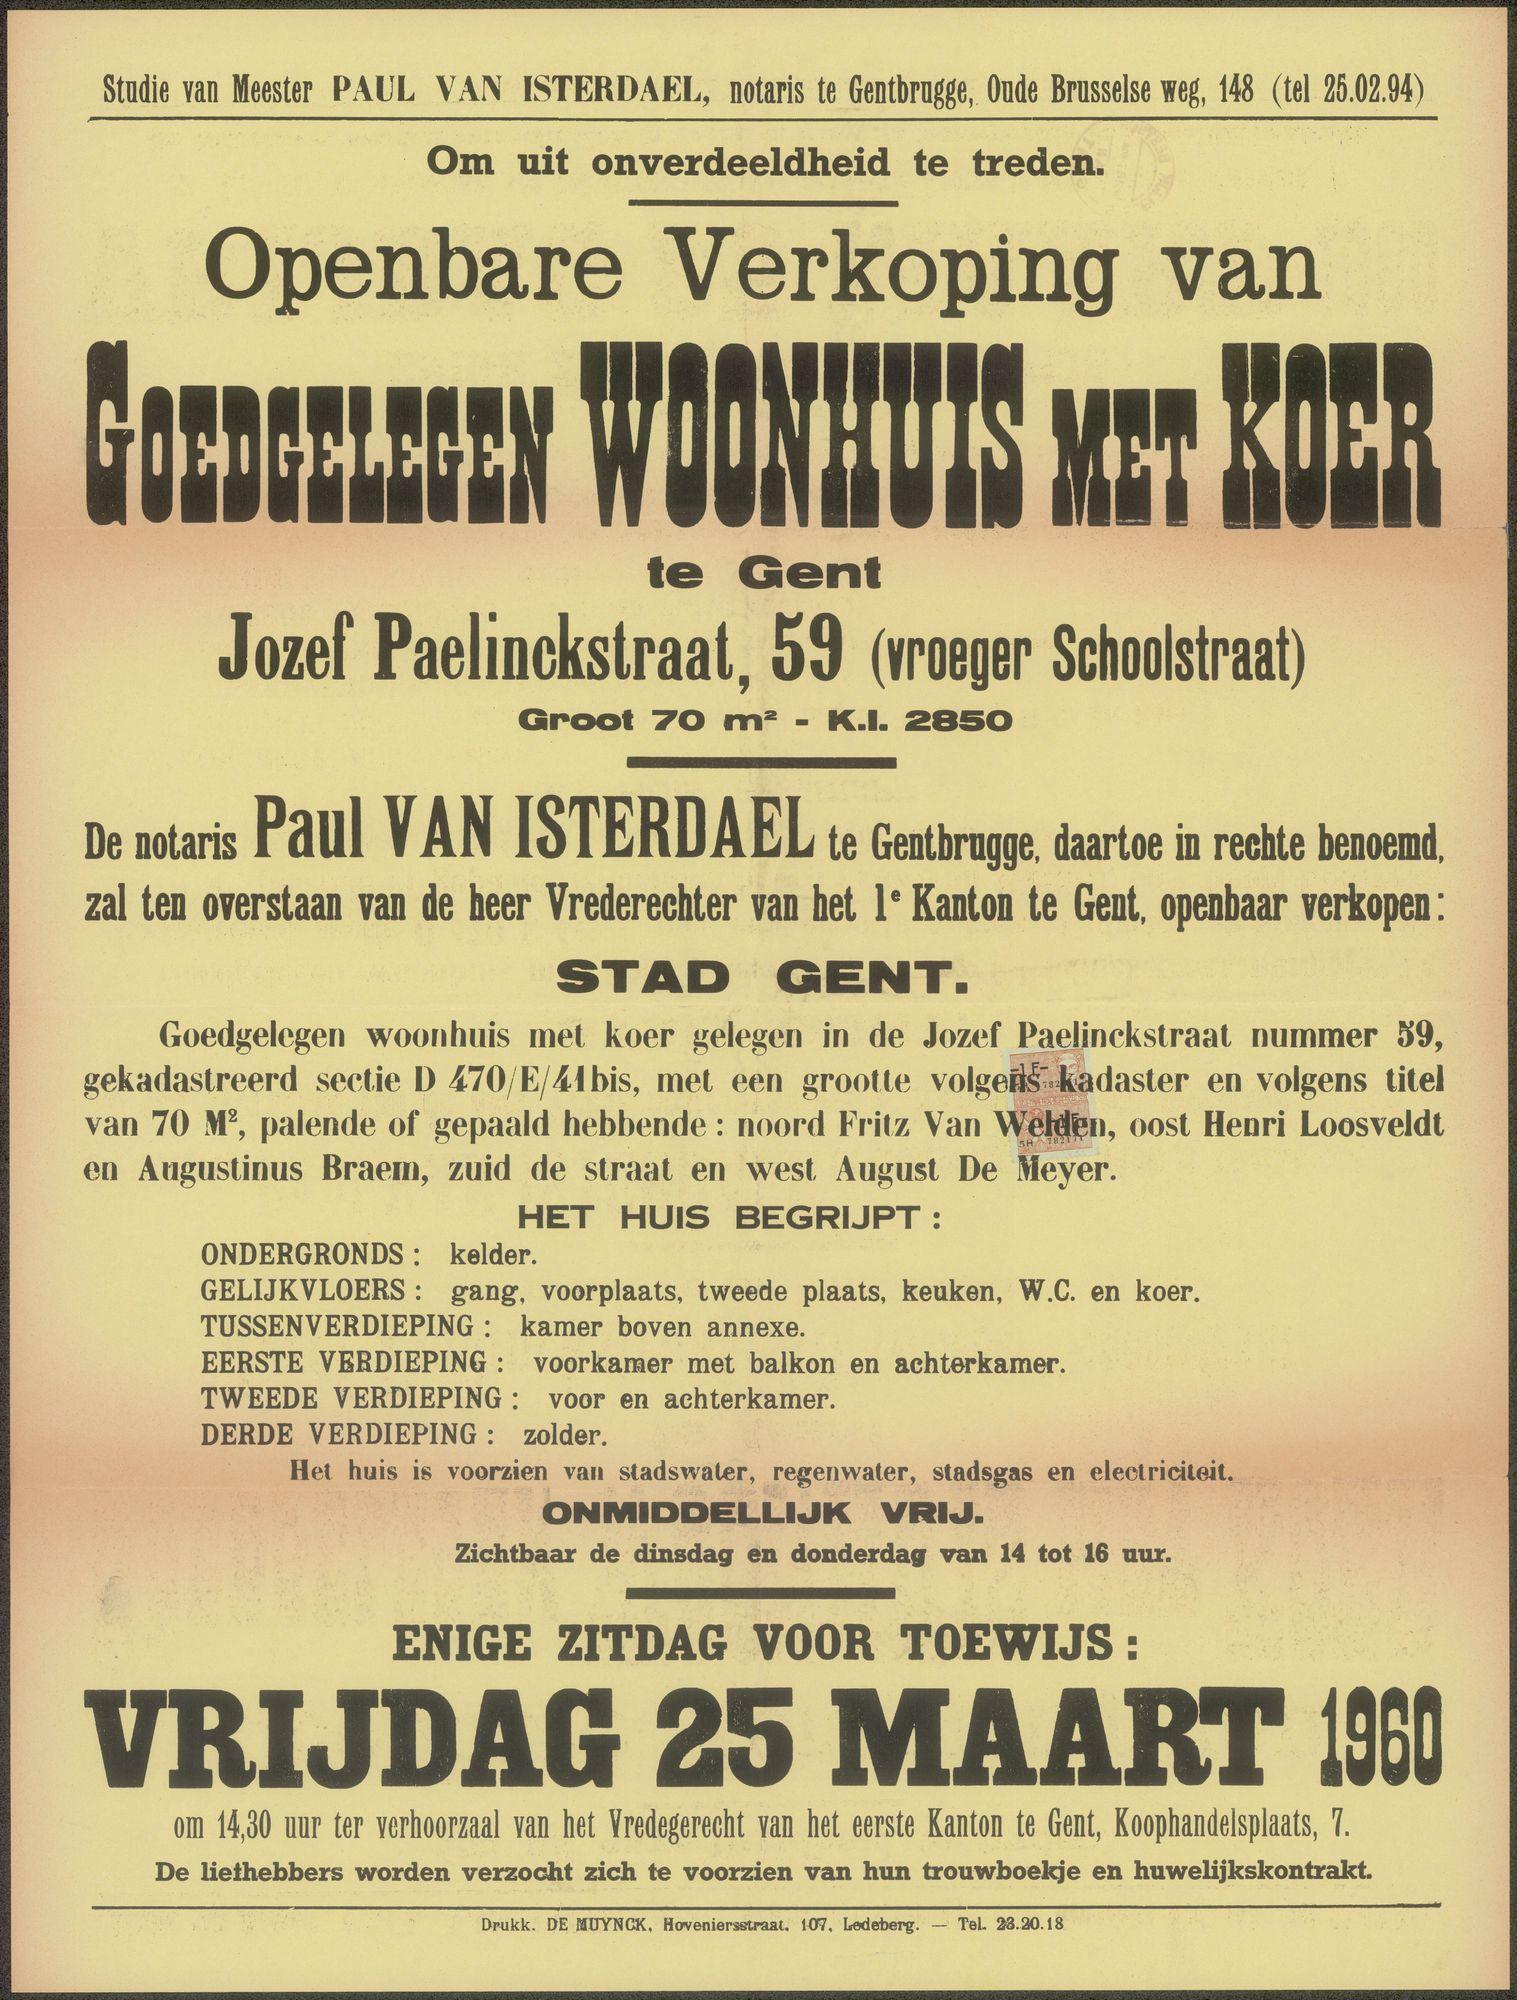 Openbare verkoop van goedgelegen woonhuis met koer te Gent, Jozef Paelinckstraat, nr. 59 (vroeger Schoolstraat), Gent, 25 maart 1960